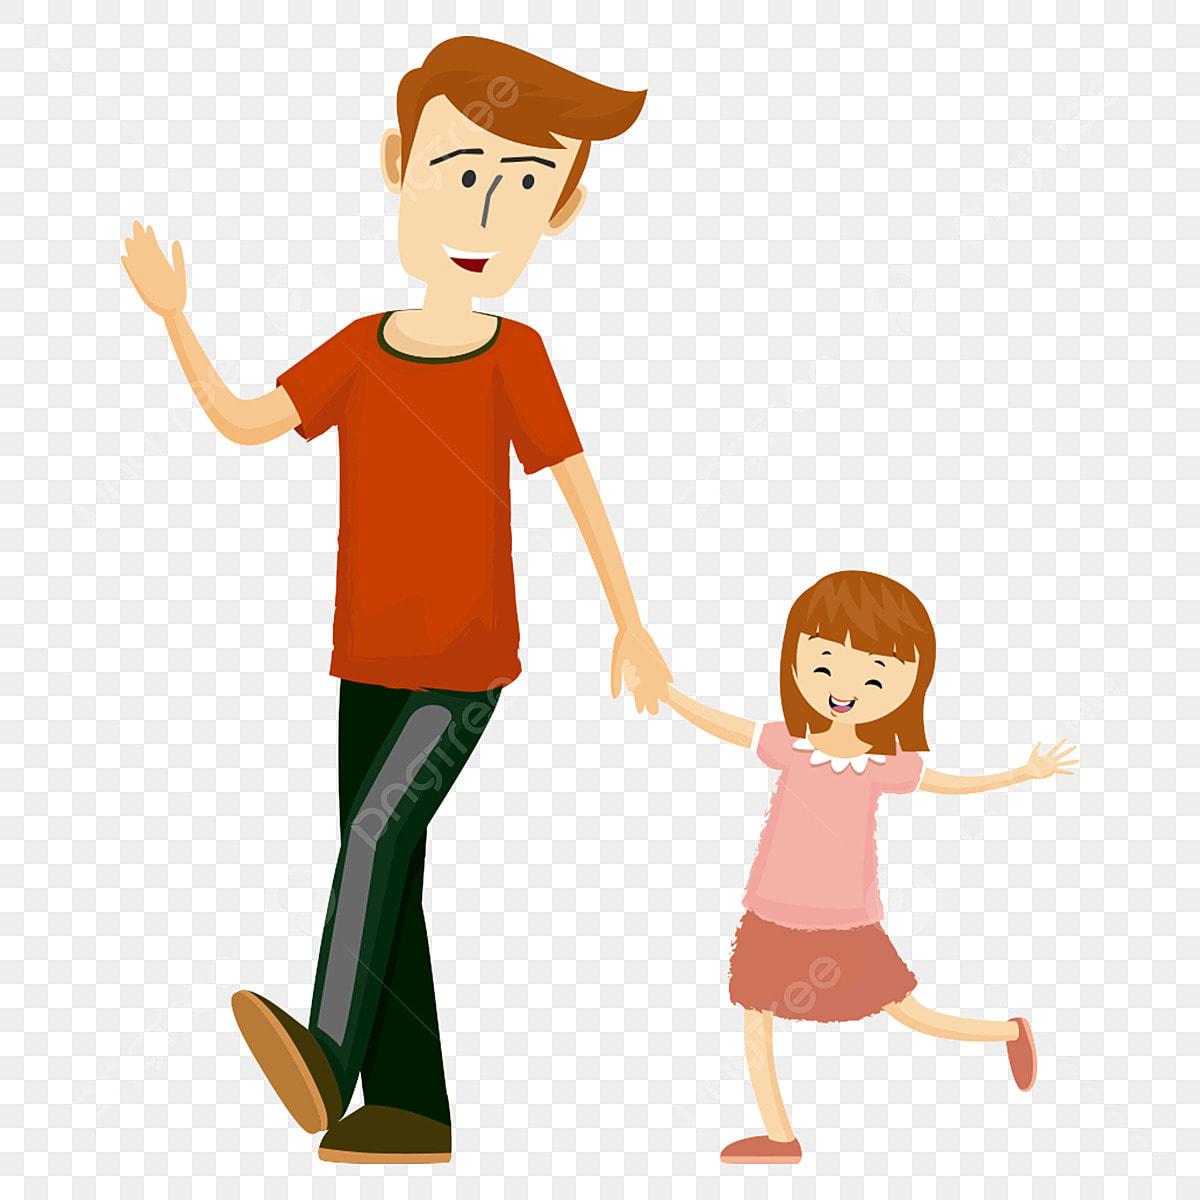 Gambar Tangan Ditarik Kartun Bapa Dan Anak Perempuan Berjalan Di Tangan Watak Kartun Lukisan Tangan Kartun Ayah Dan Anak Perempuan Berjalan Di Tangan Png Dan Psd Untuk Muat Turun Percuma